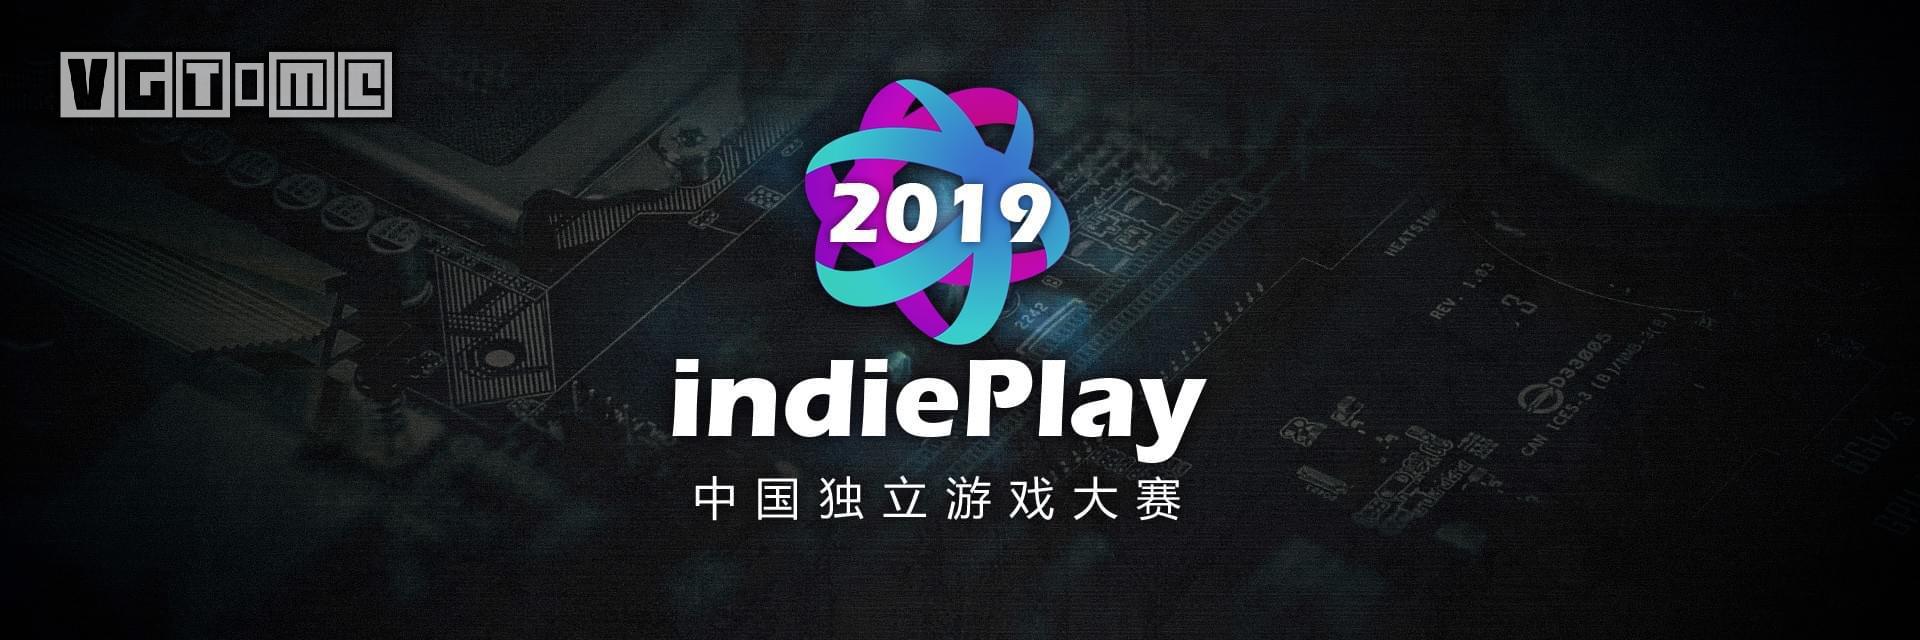 2019中国独立游戏大赛入围公布,WePlay现场将进行颁奖典礼